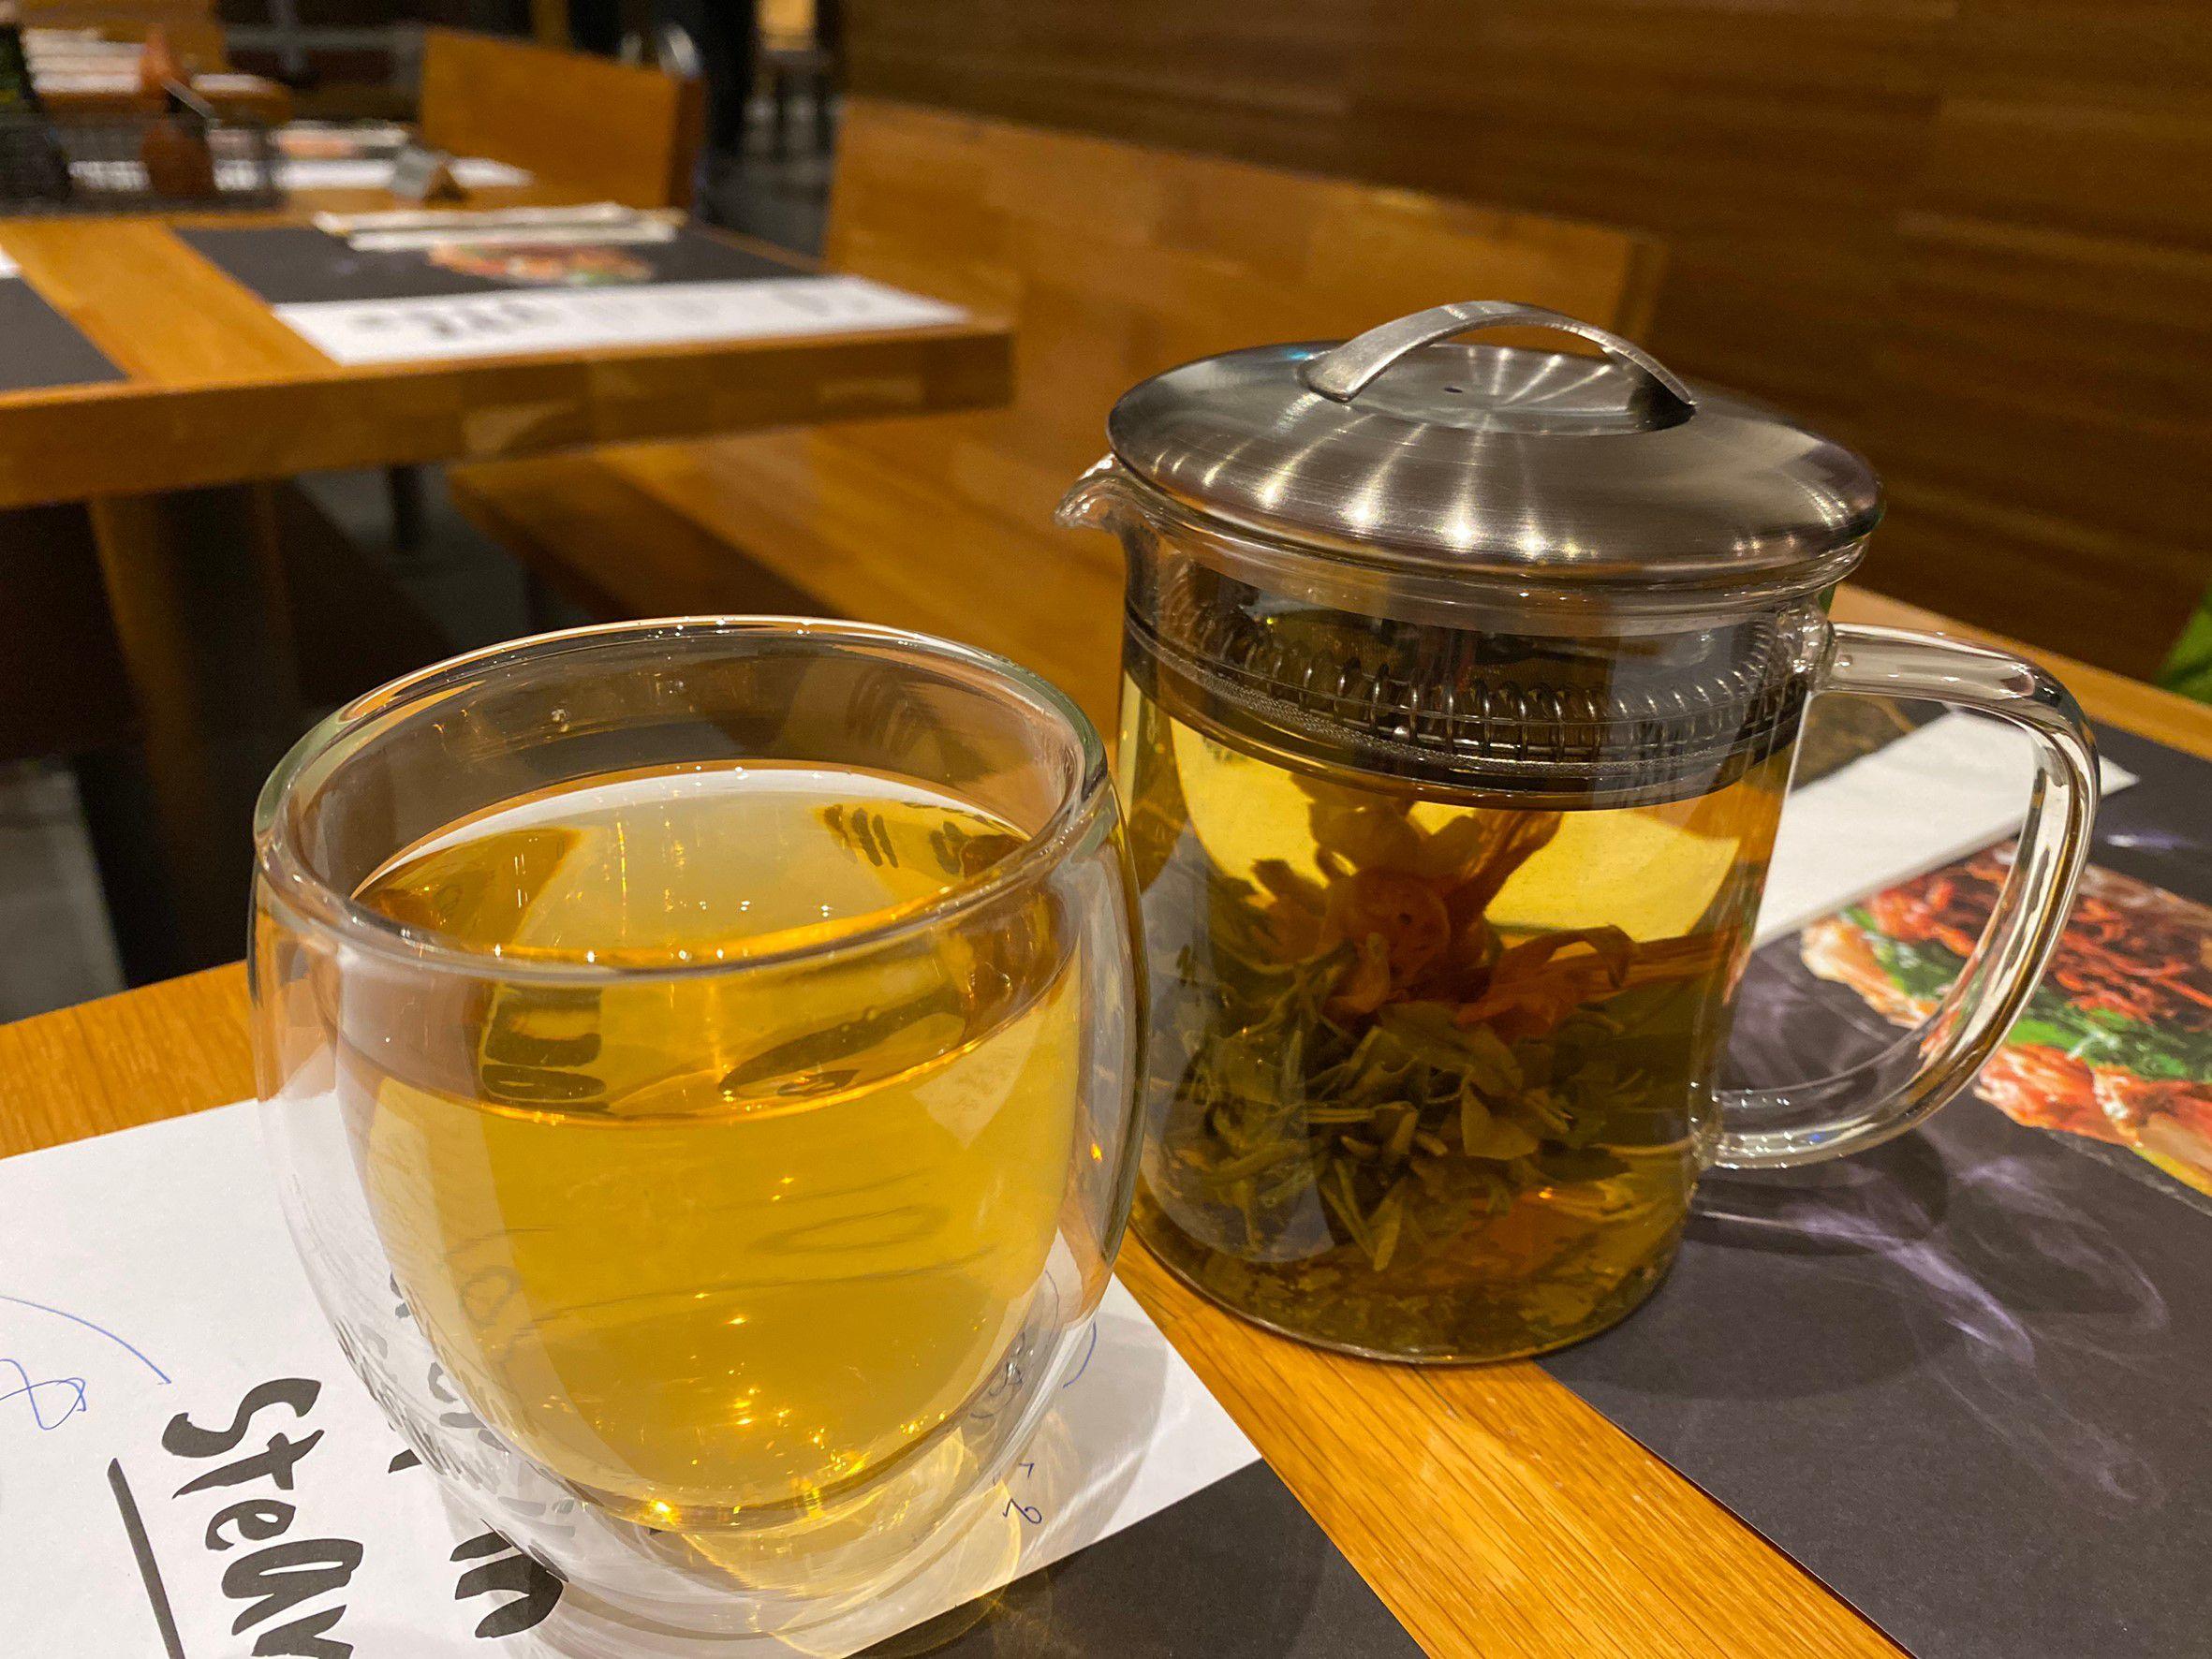 Flower jasmine tea